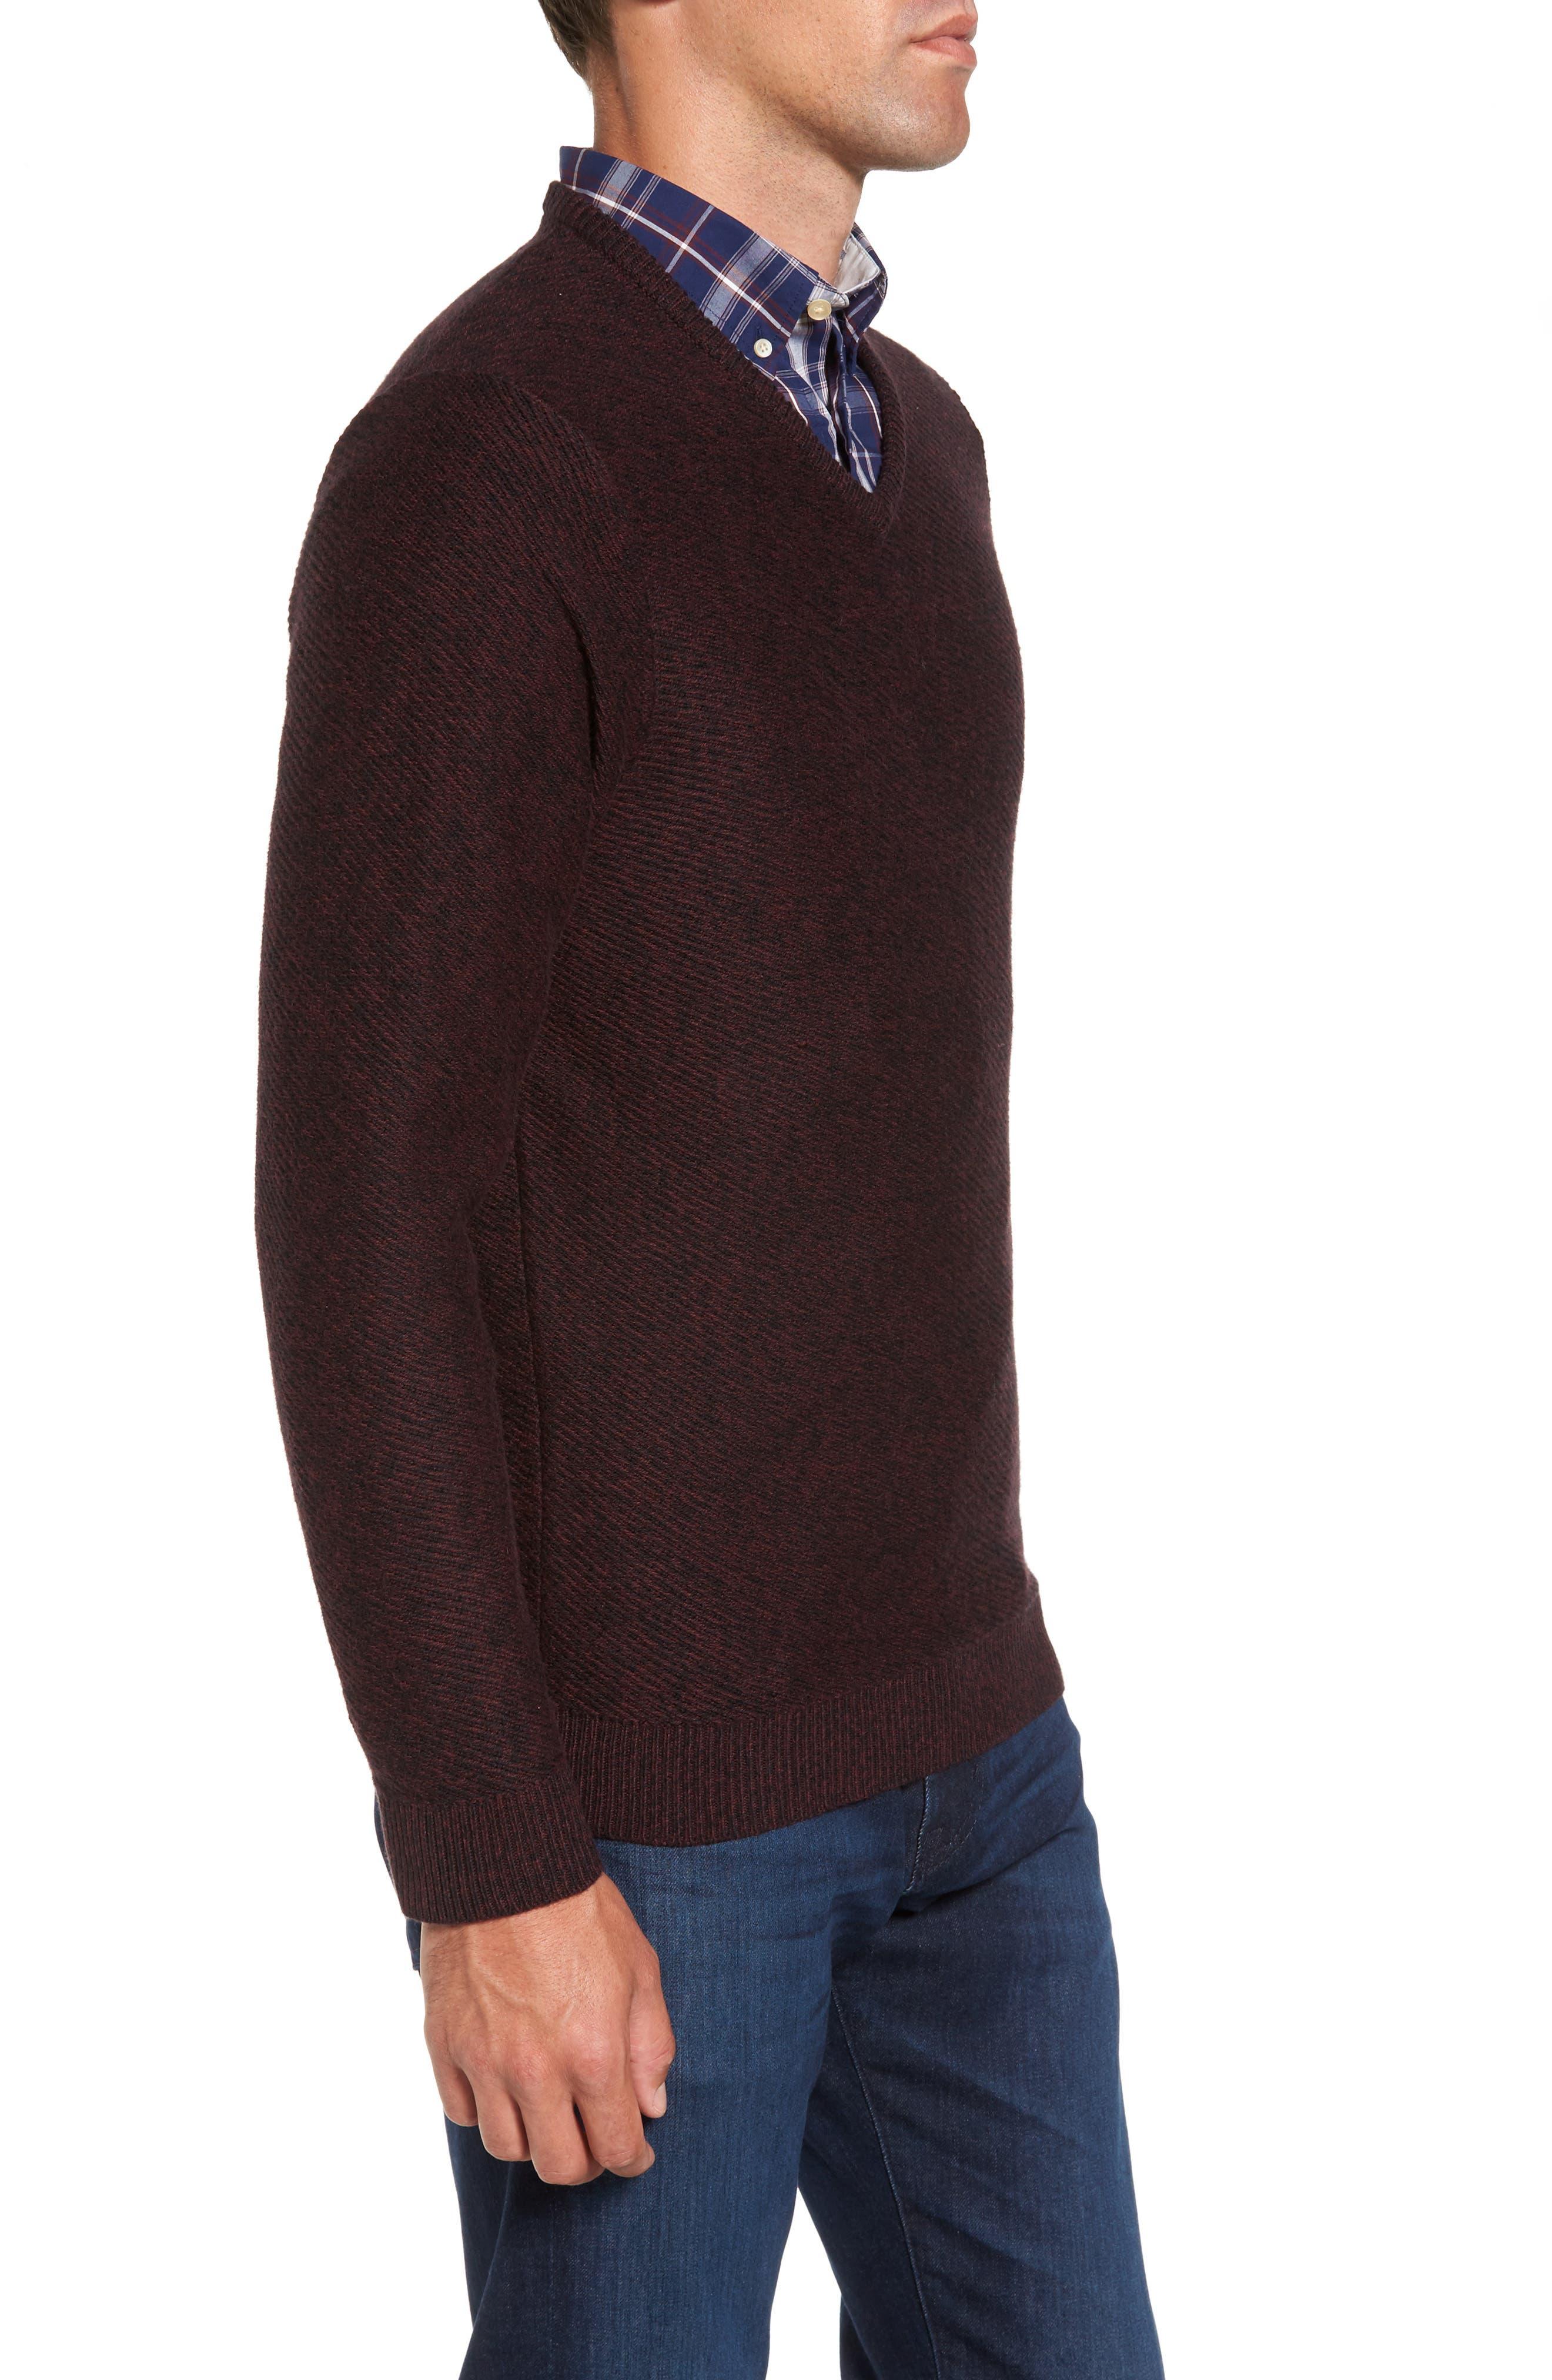 Alternate Image 3  - Nordstrom Men's Shop Cotton & Cashmere V-Neck Sweater